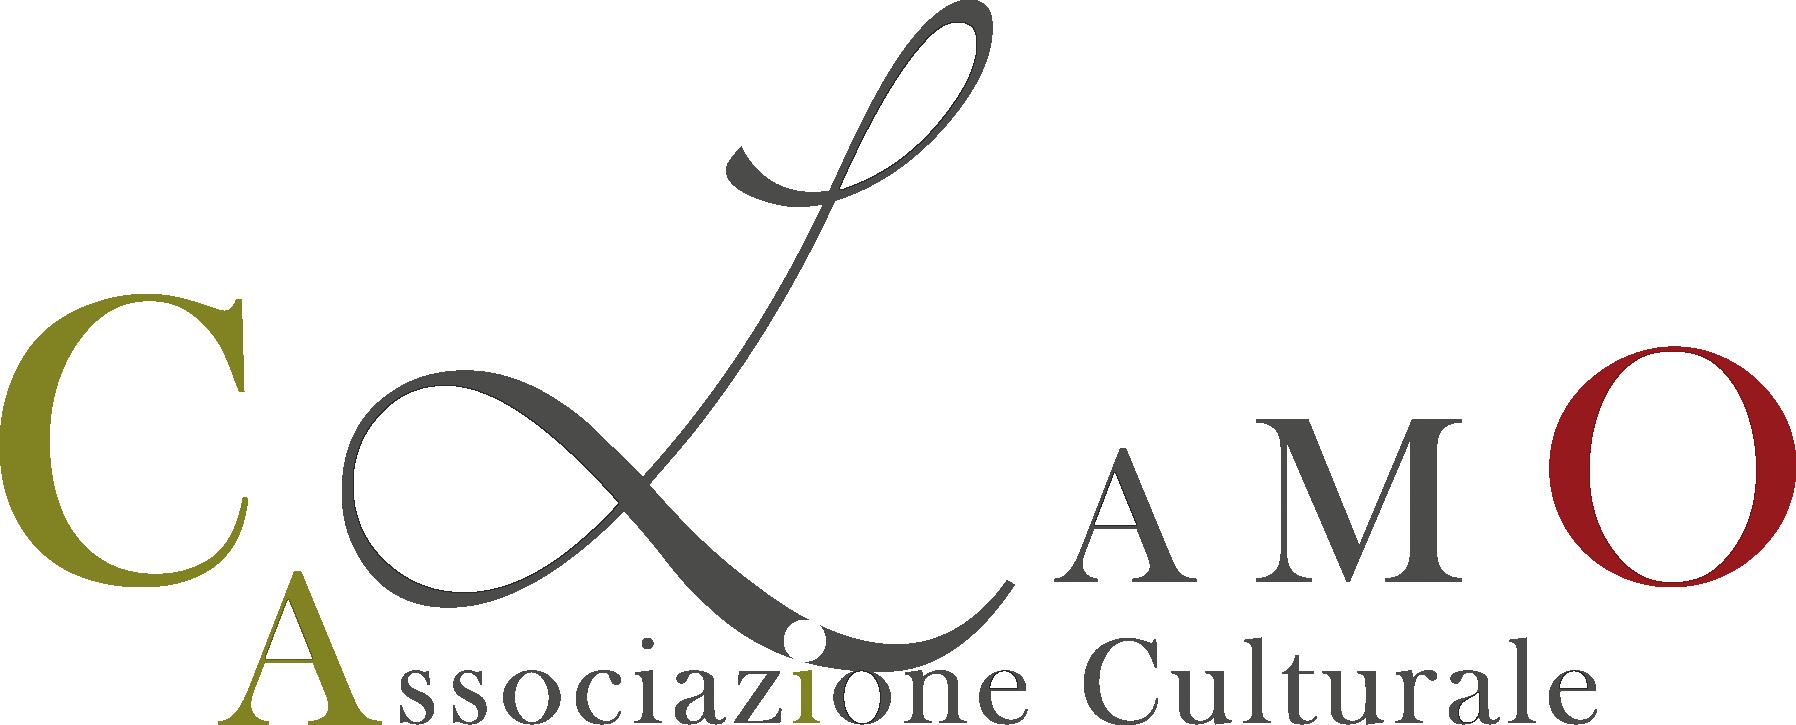 Associazione Culturale Calamo